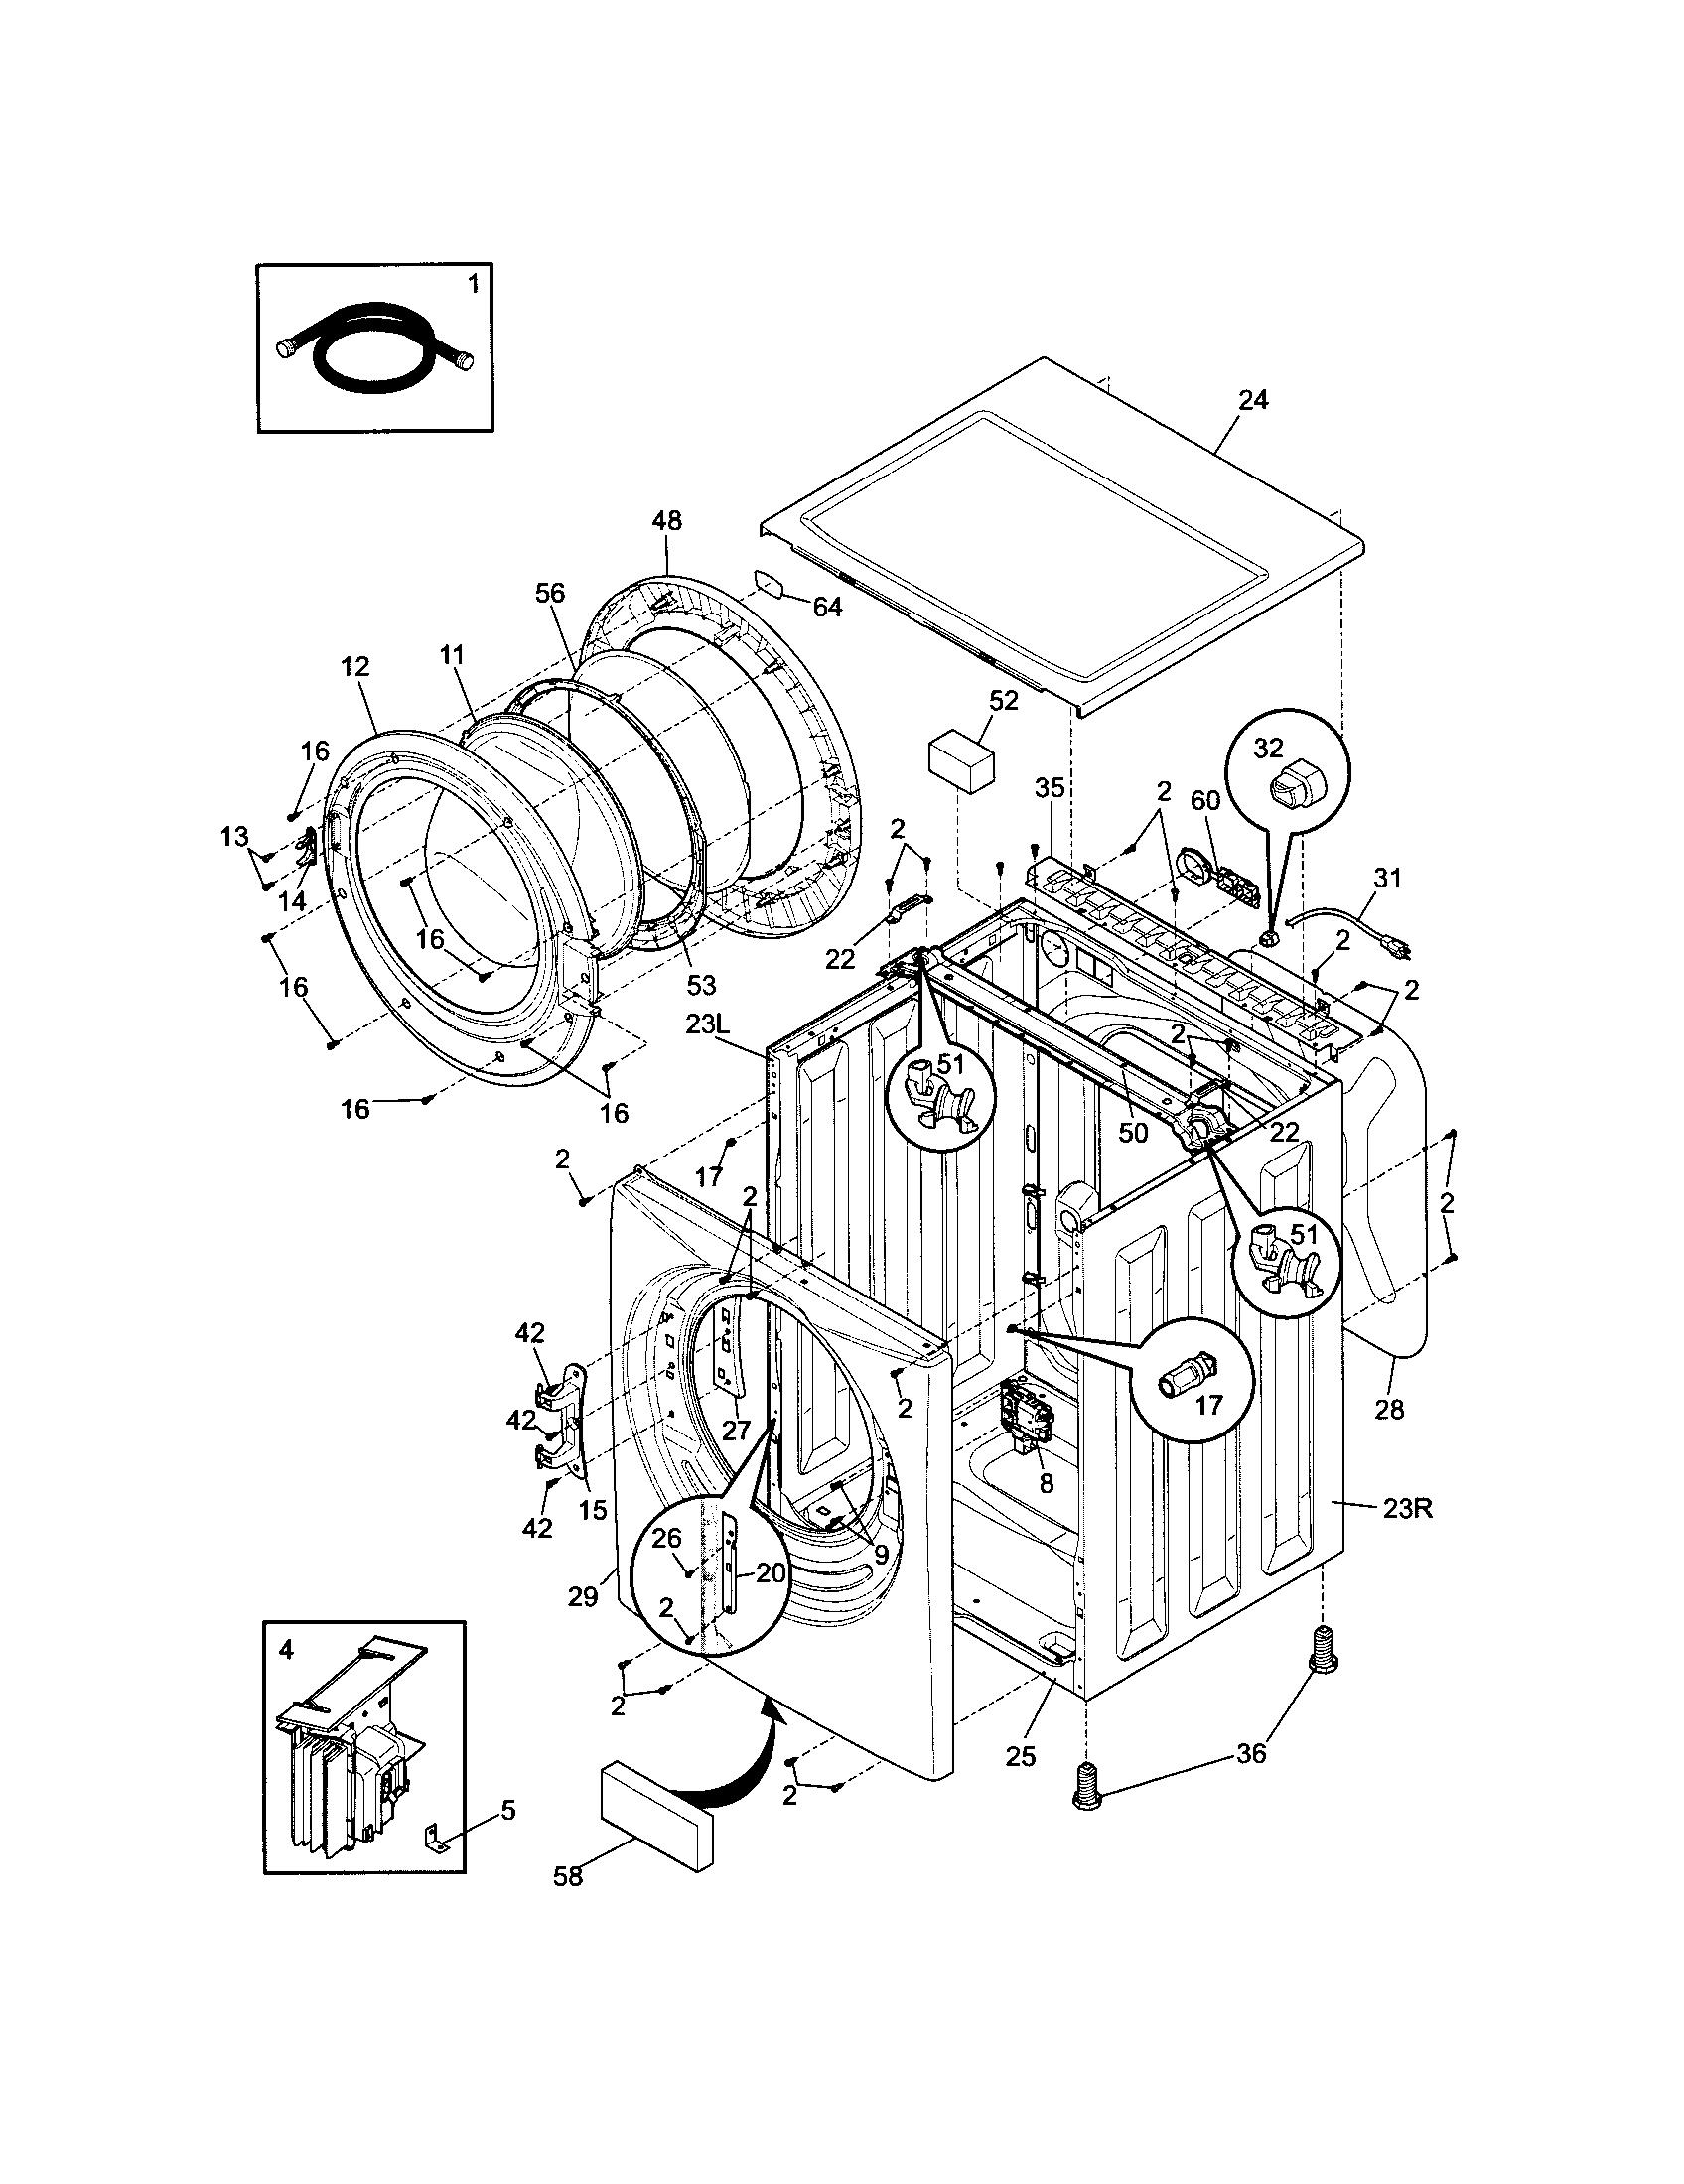 frigidaire washer manuals online